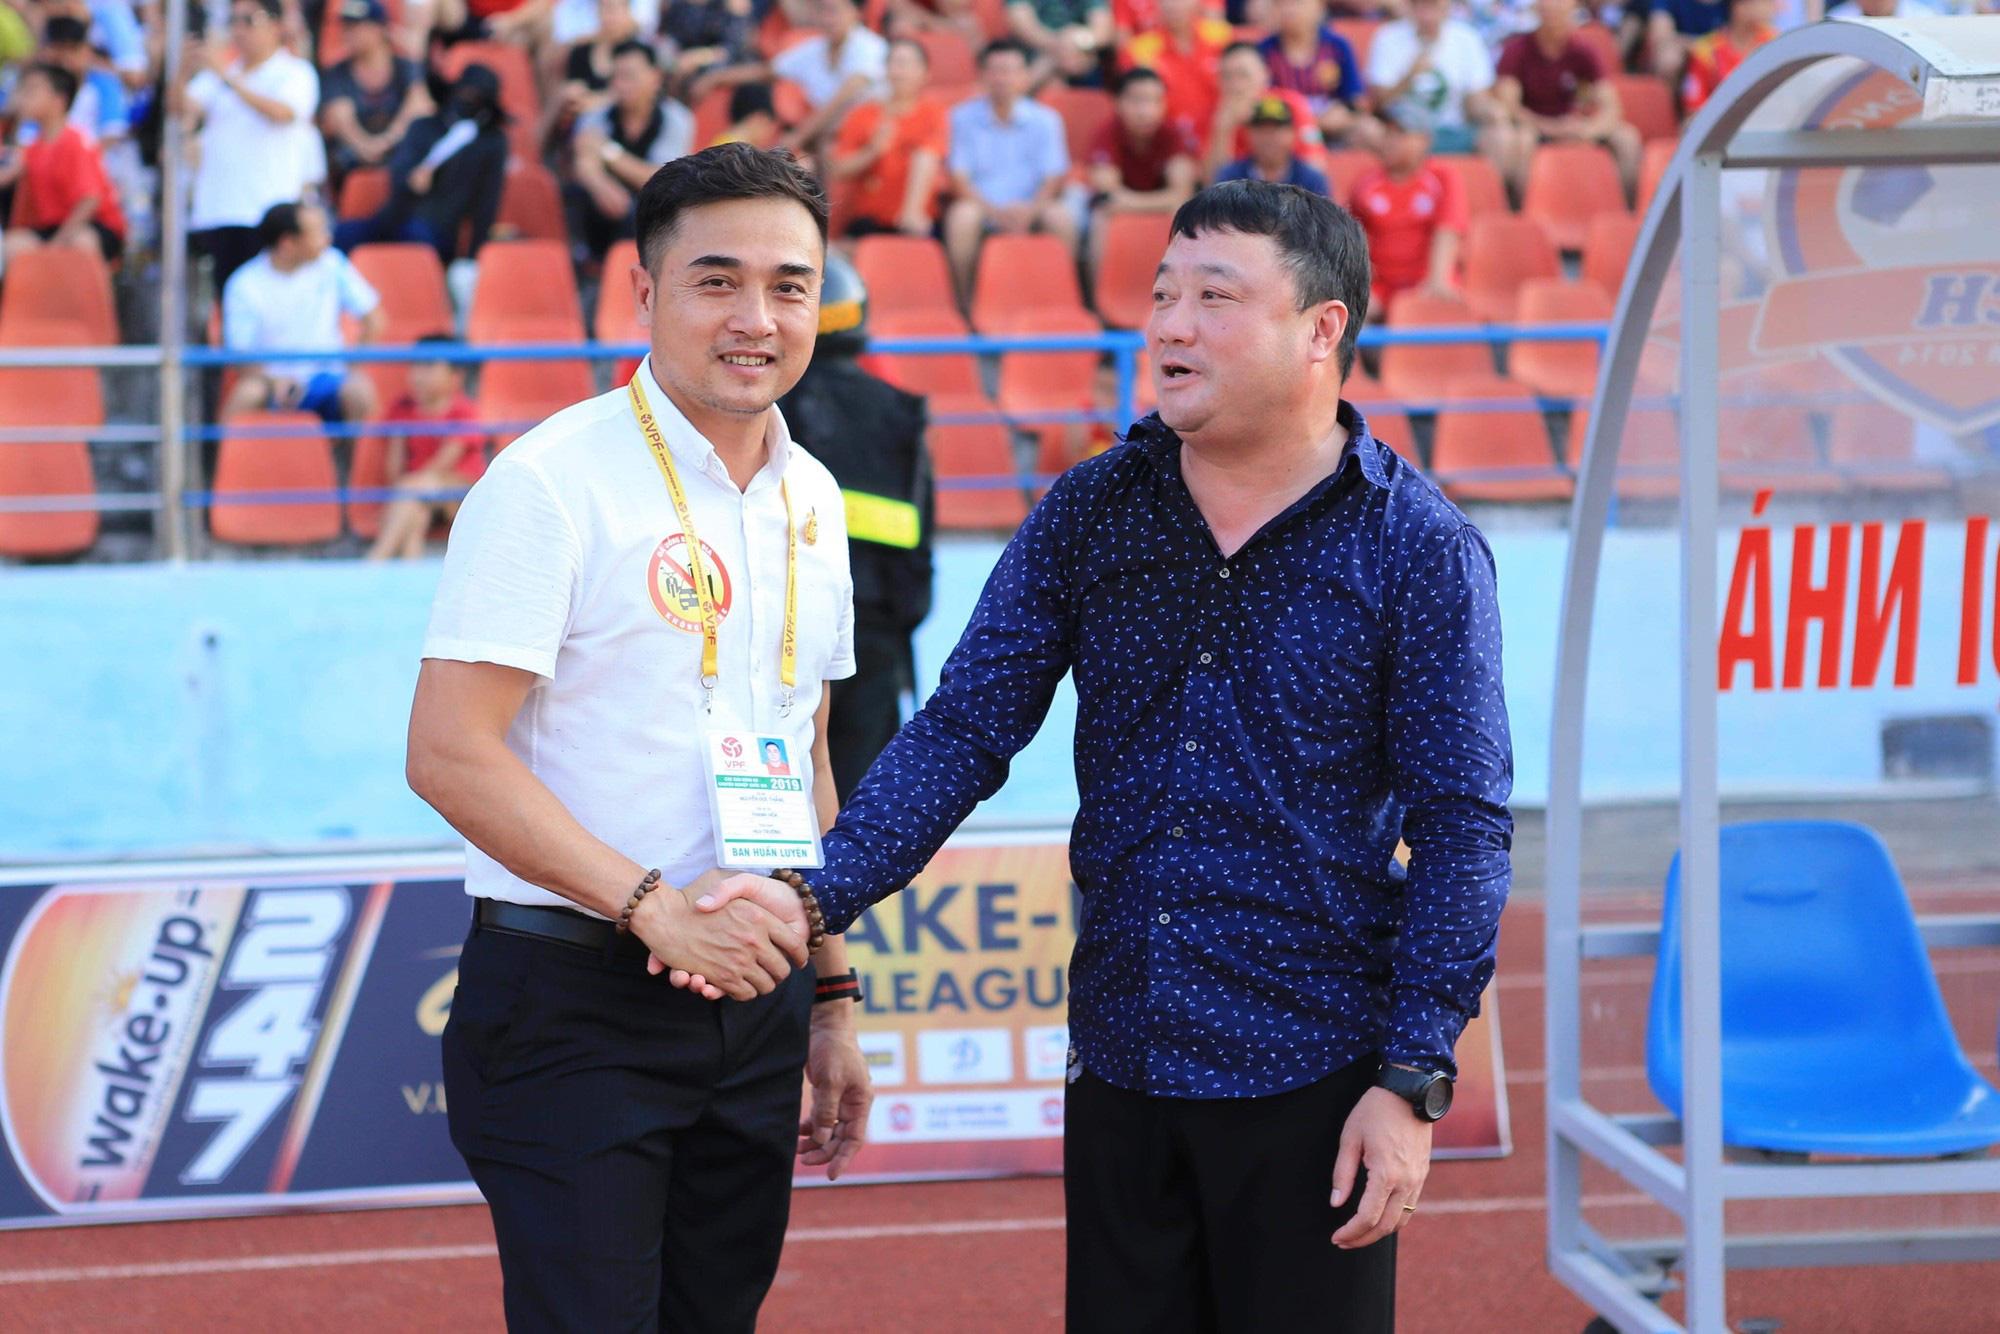 3 HLV V.League tham dự trận đấu huyền thoại của bóng đá Việt Nam - Ảnh 1.